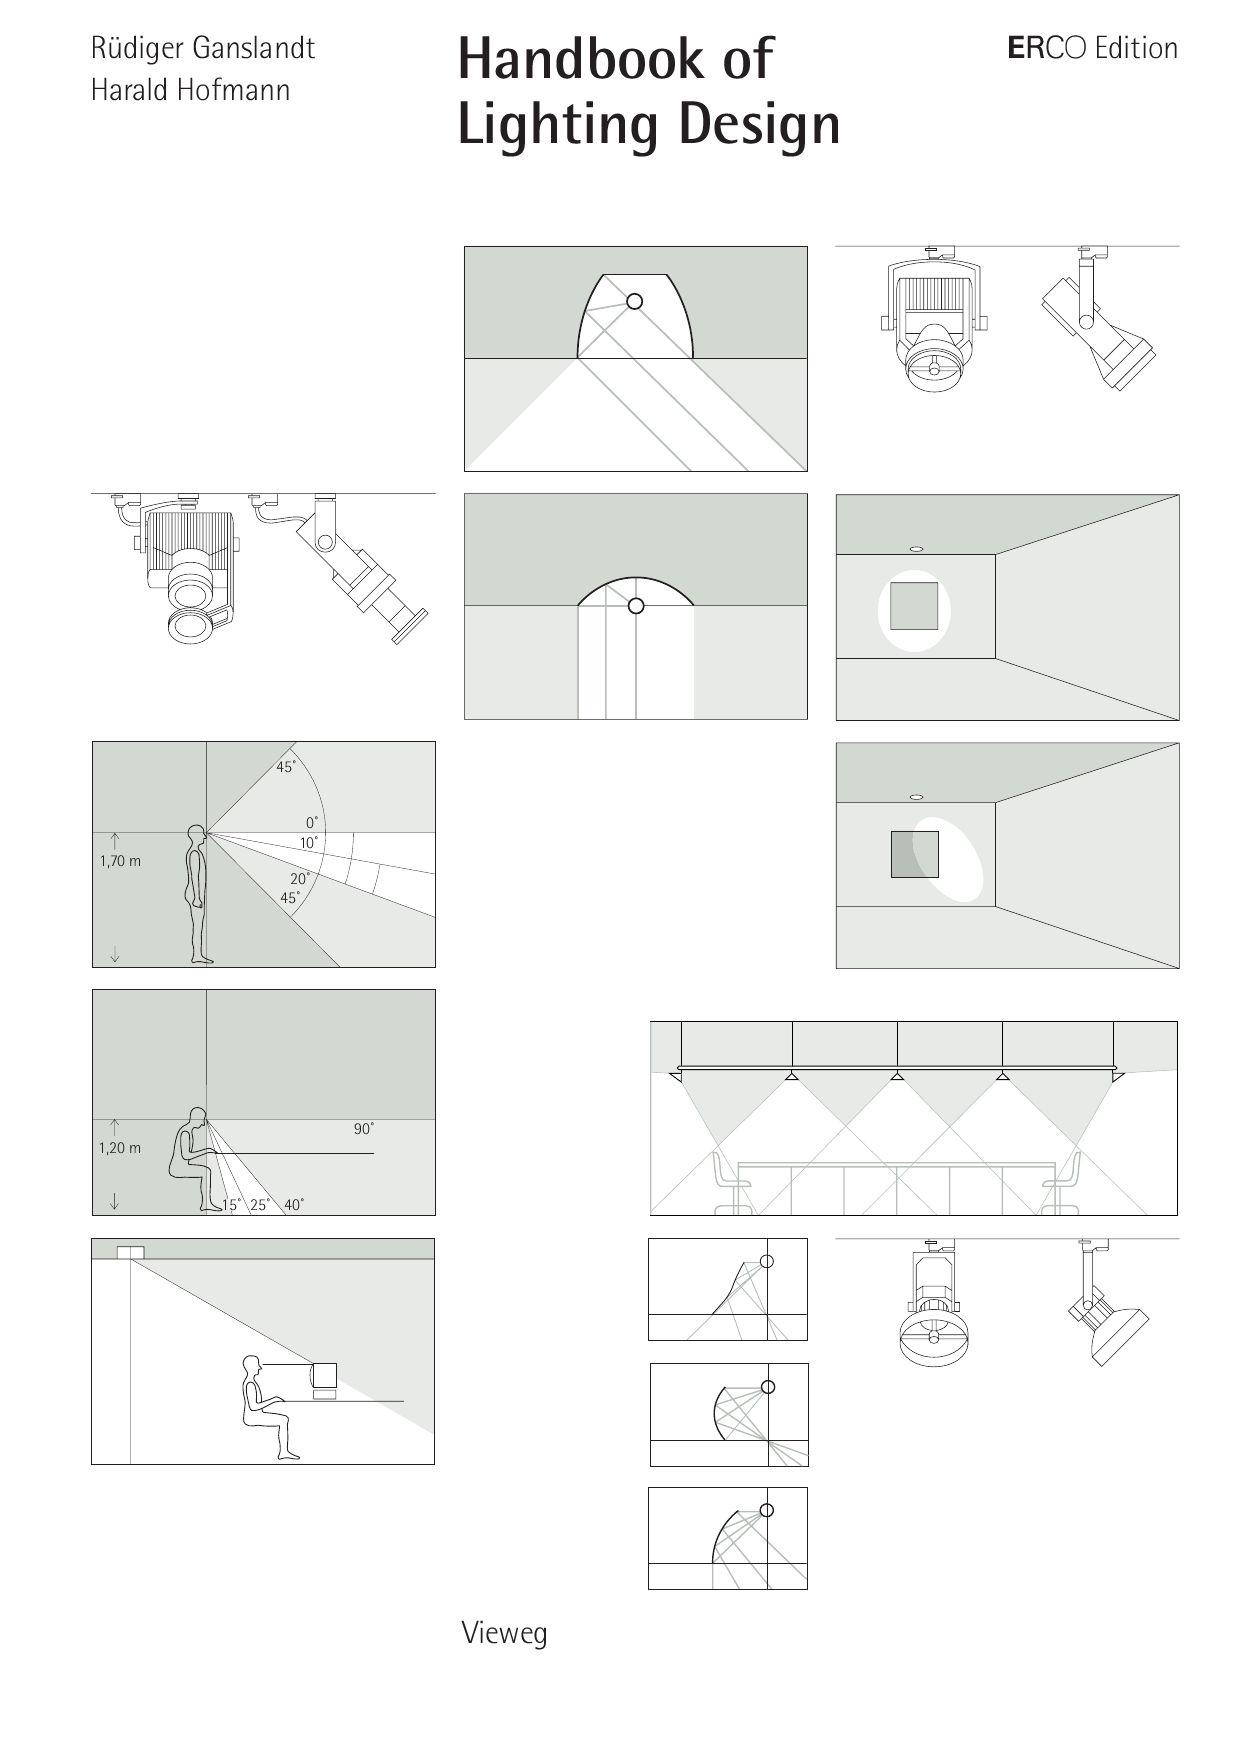 erco handbook of lighting design by